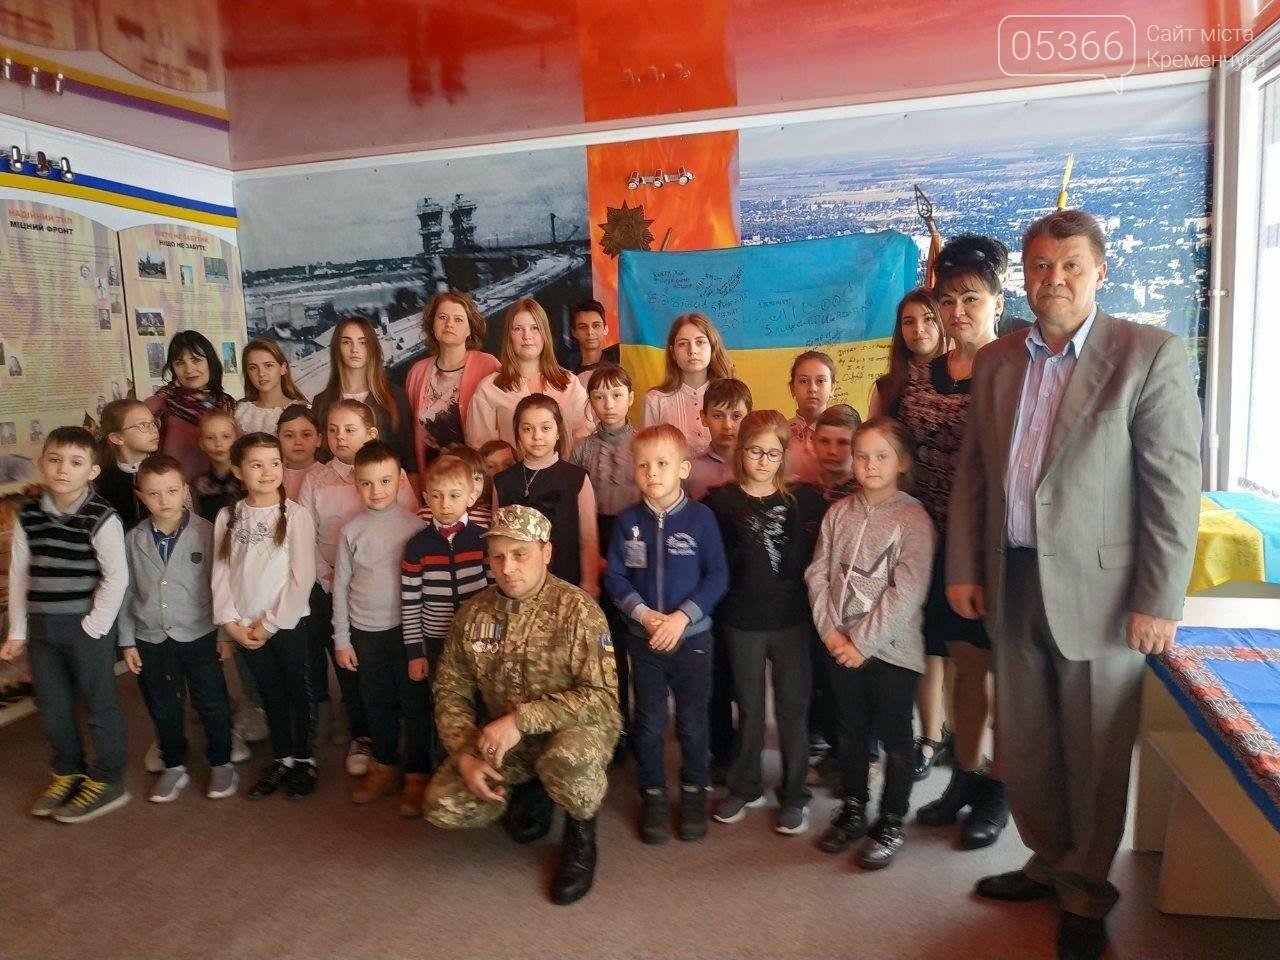 Бійці ООС передали кременчуцьким школярам підписаний прапор з передової (ФОТО), фото-3